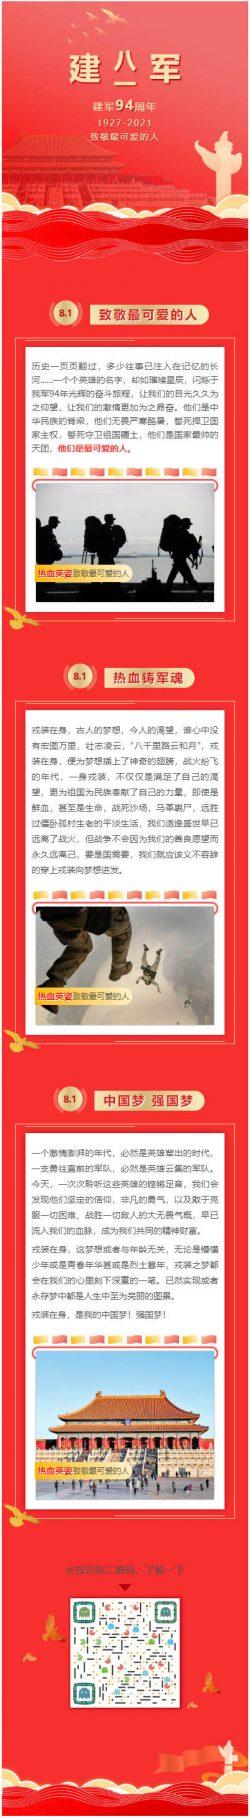 建军节八一81微信公众号推文模板推送图文素材资料